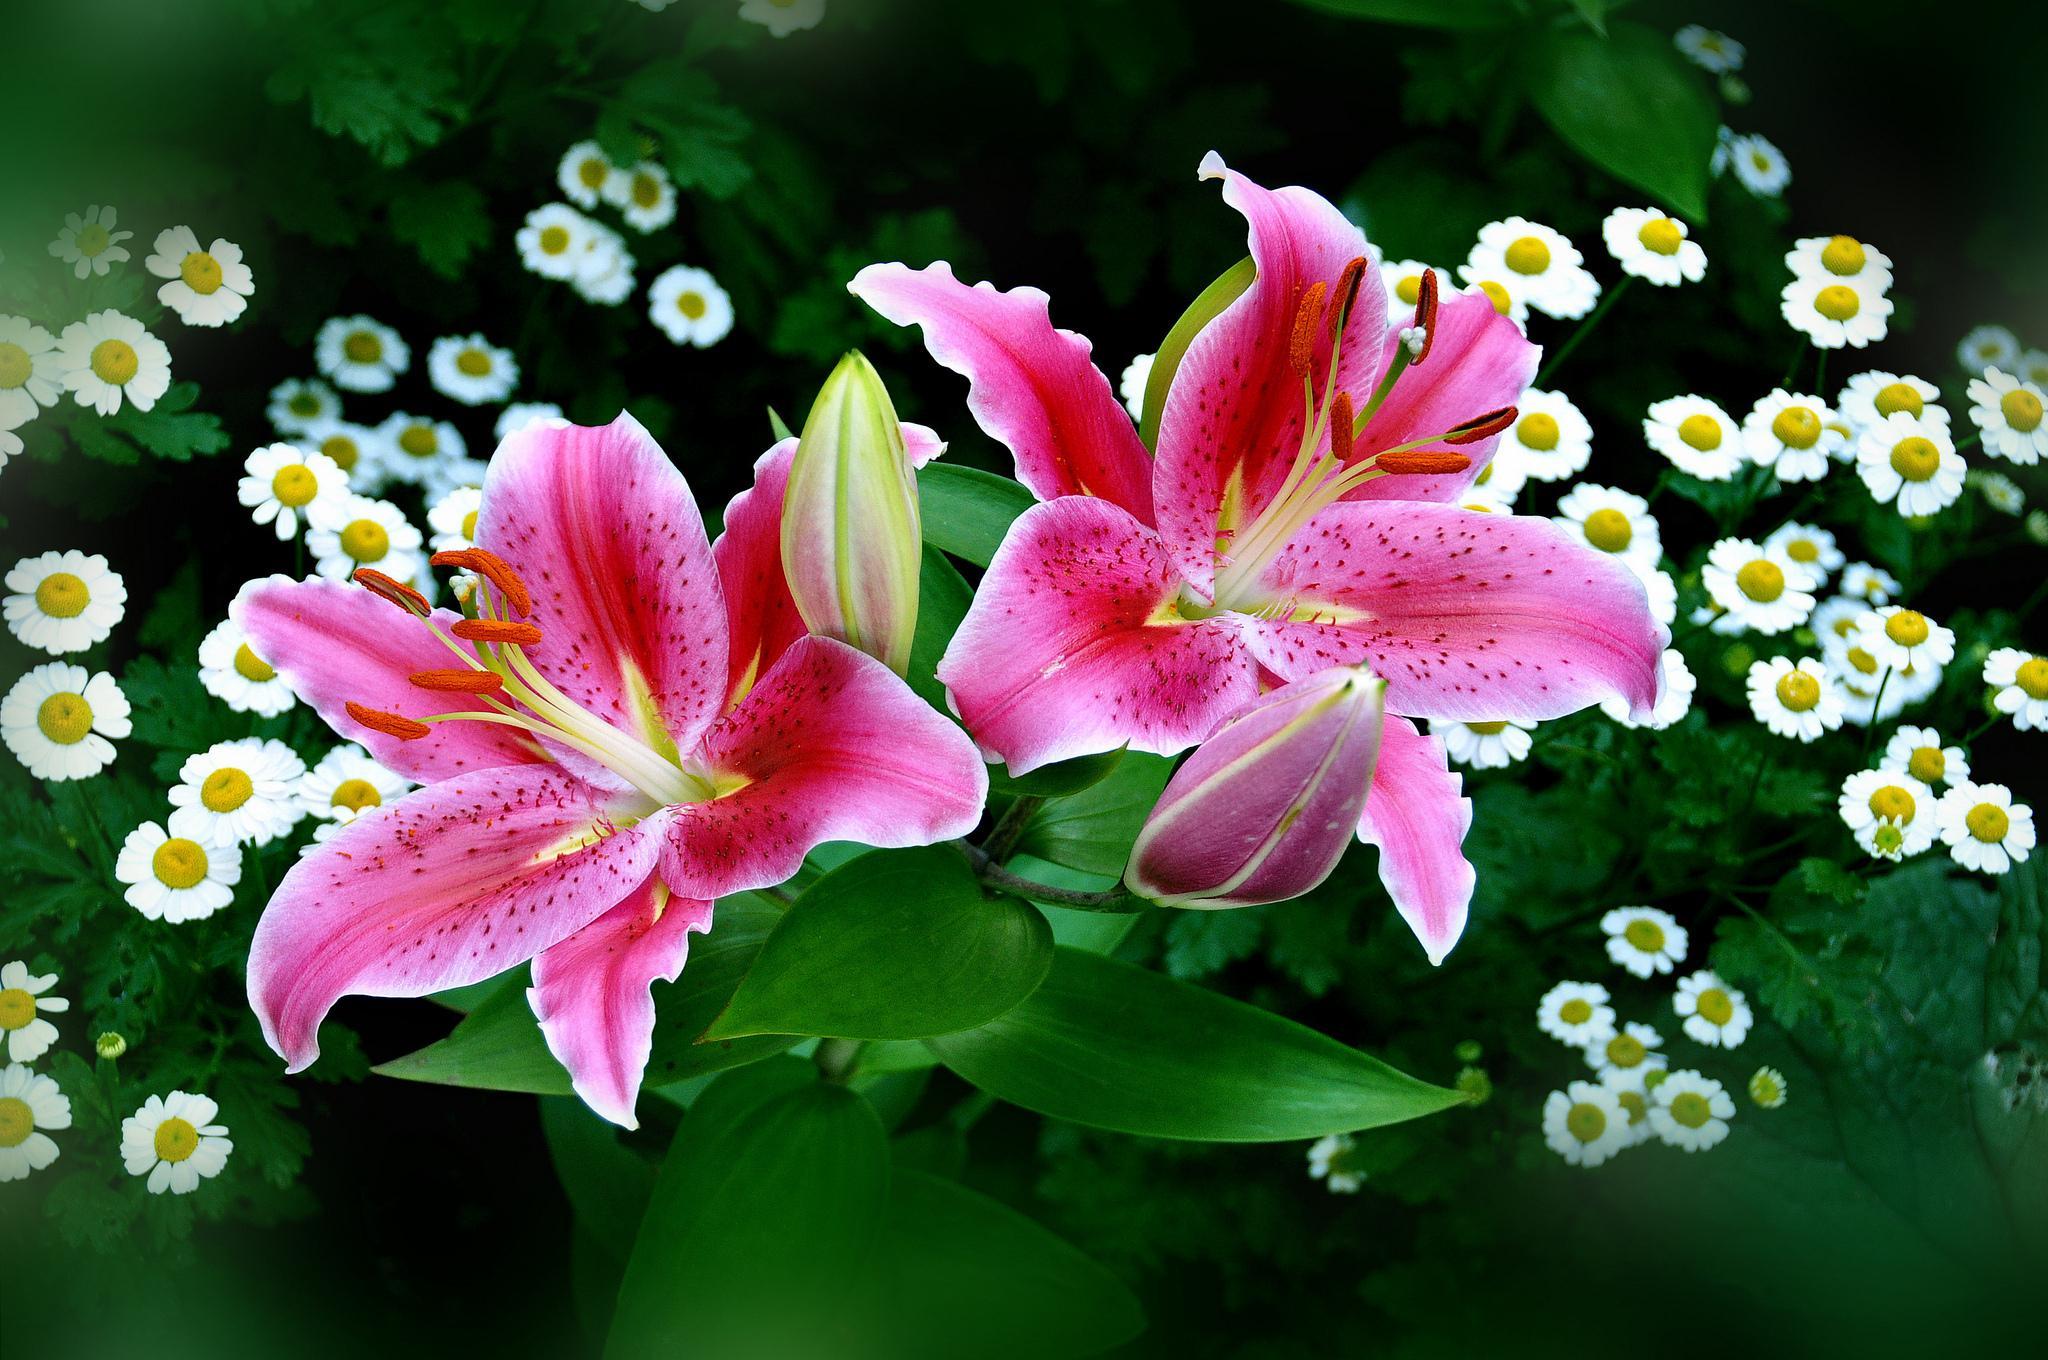 Spring Pink Easter Lilies Hd Wallpaper Wallpaper List 2048x1360